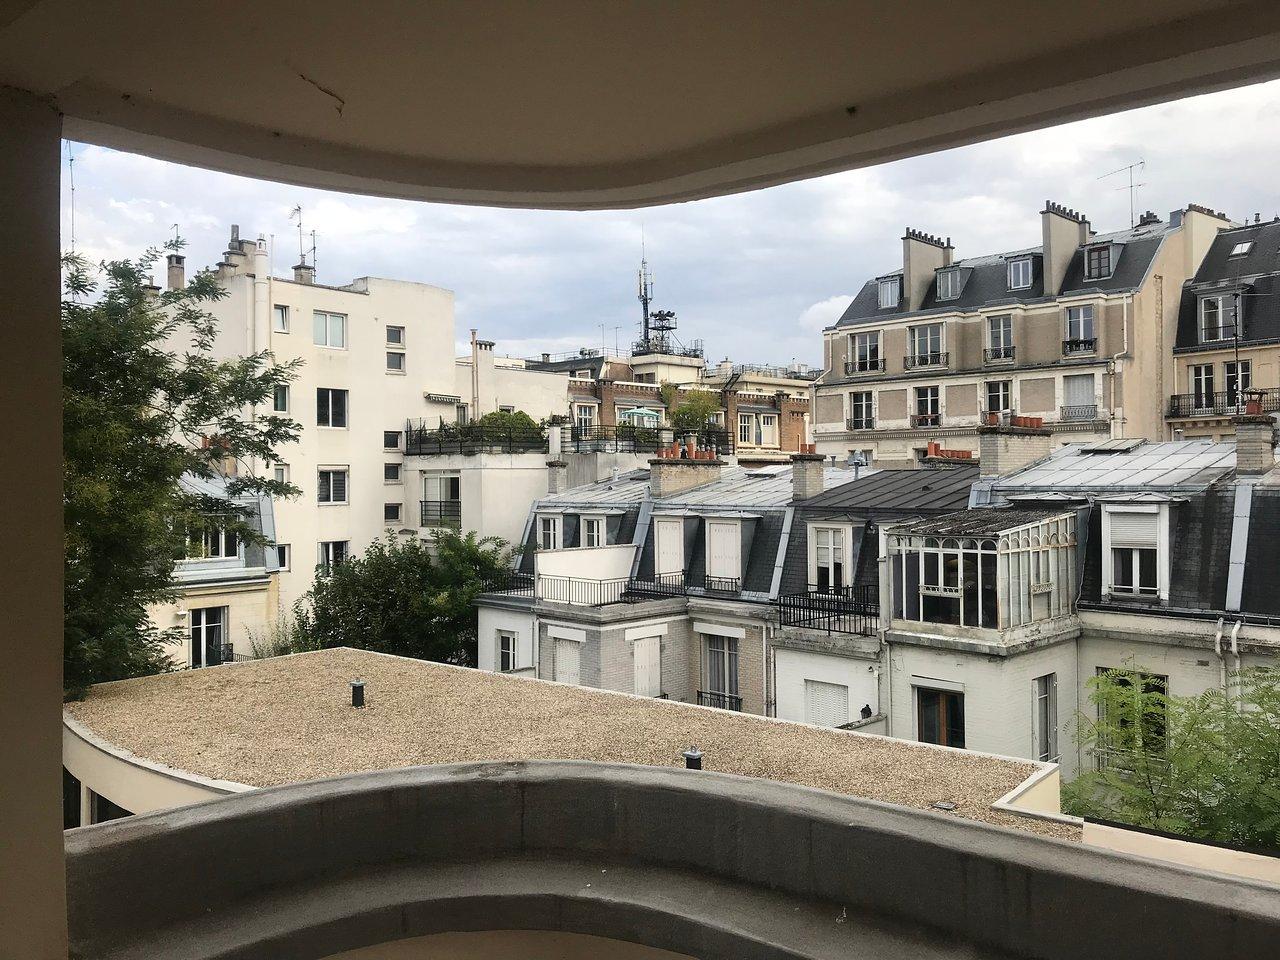 Maison Serge Gainsbourg Visite Intérieur maison la roche (paris) : 2020 ce qu'il faut savoir pour